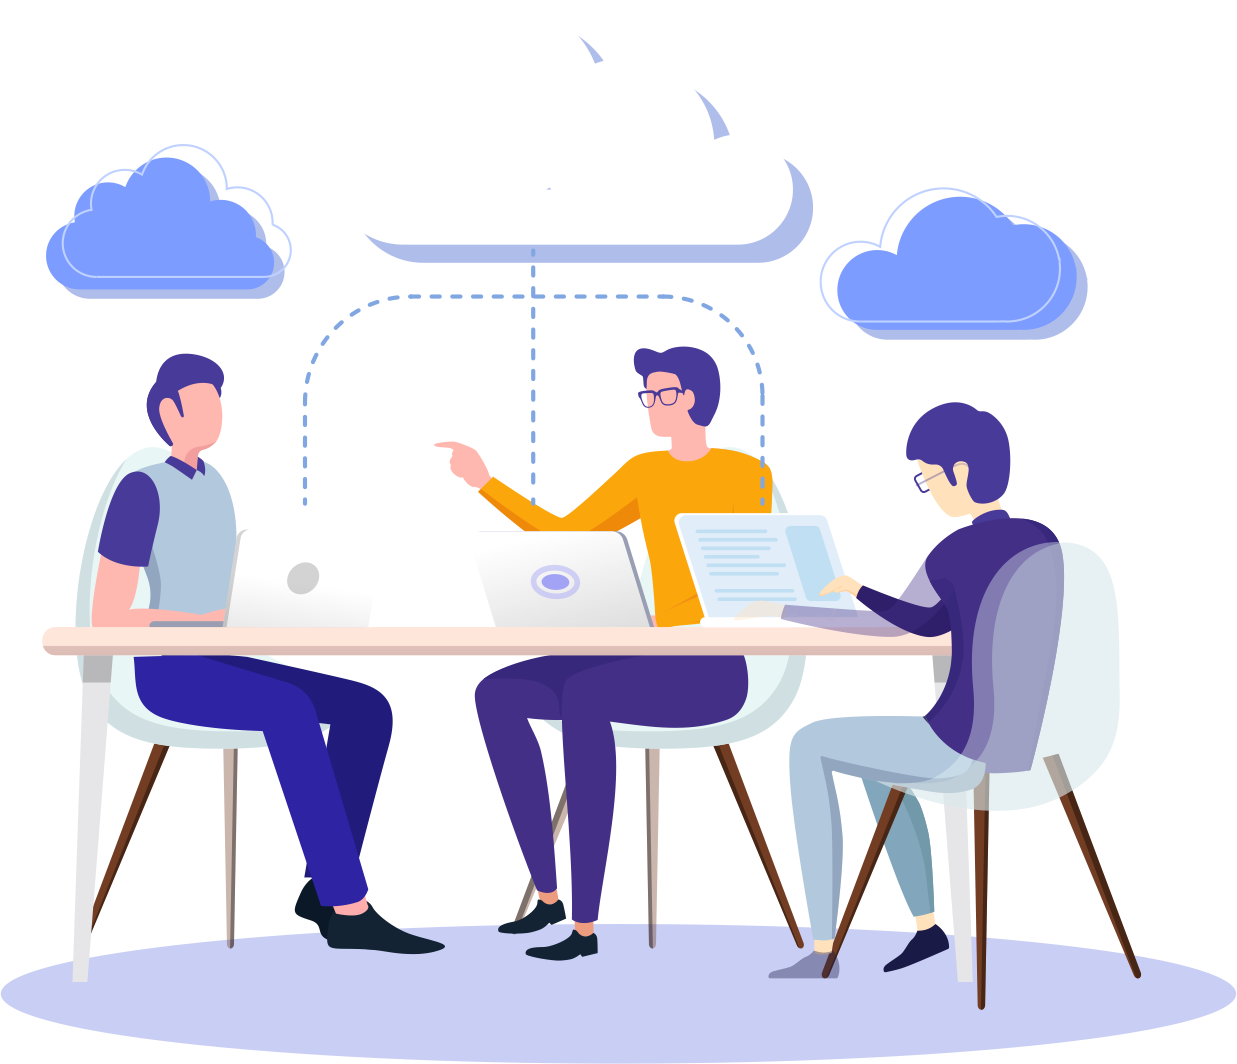 Acronsoft Cloud. Grupo de pessoas conversando sobre soluções Cloud ao redor de uma mesa.